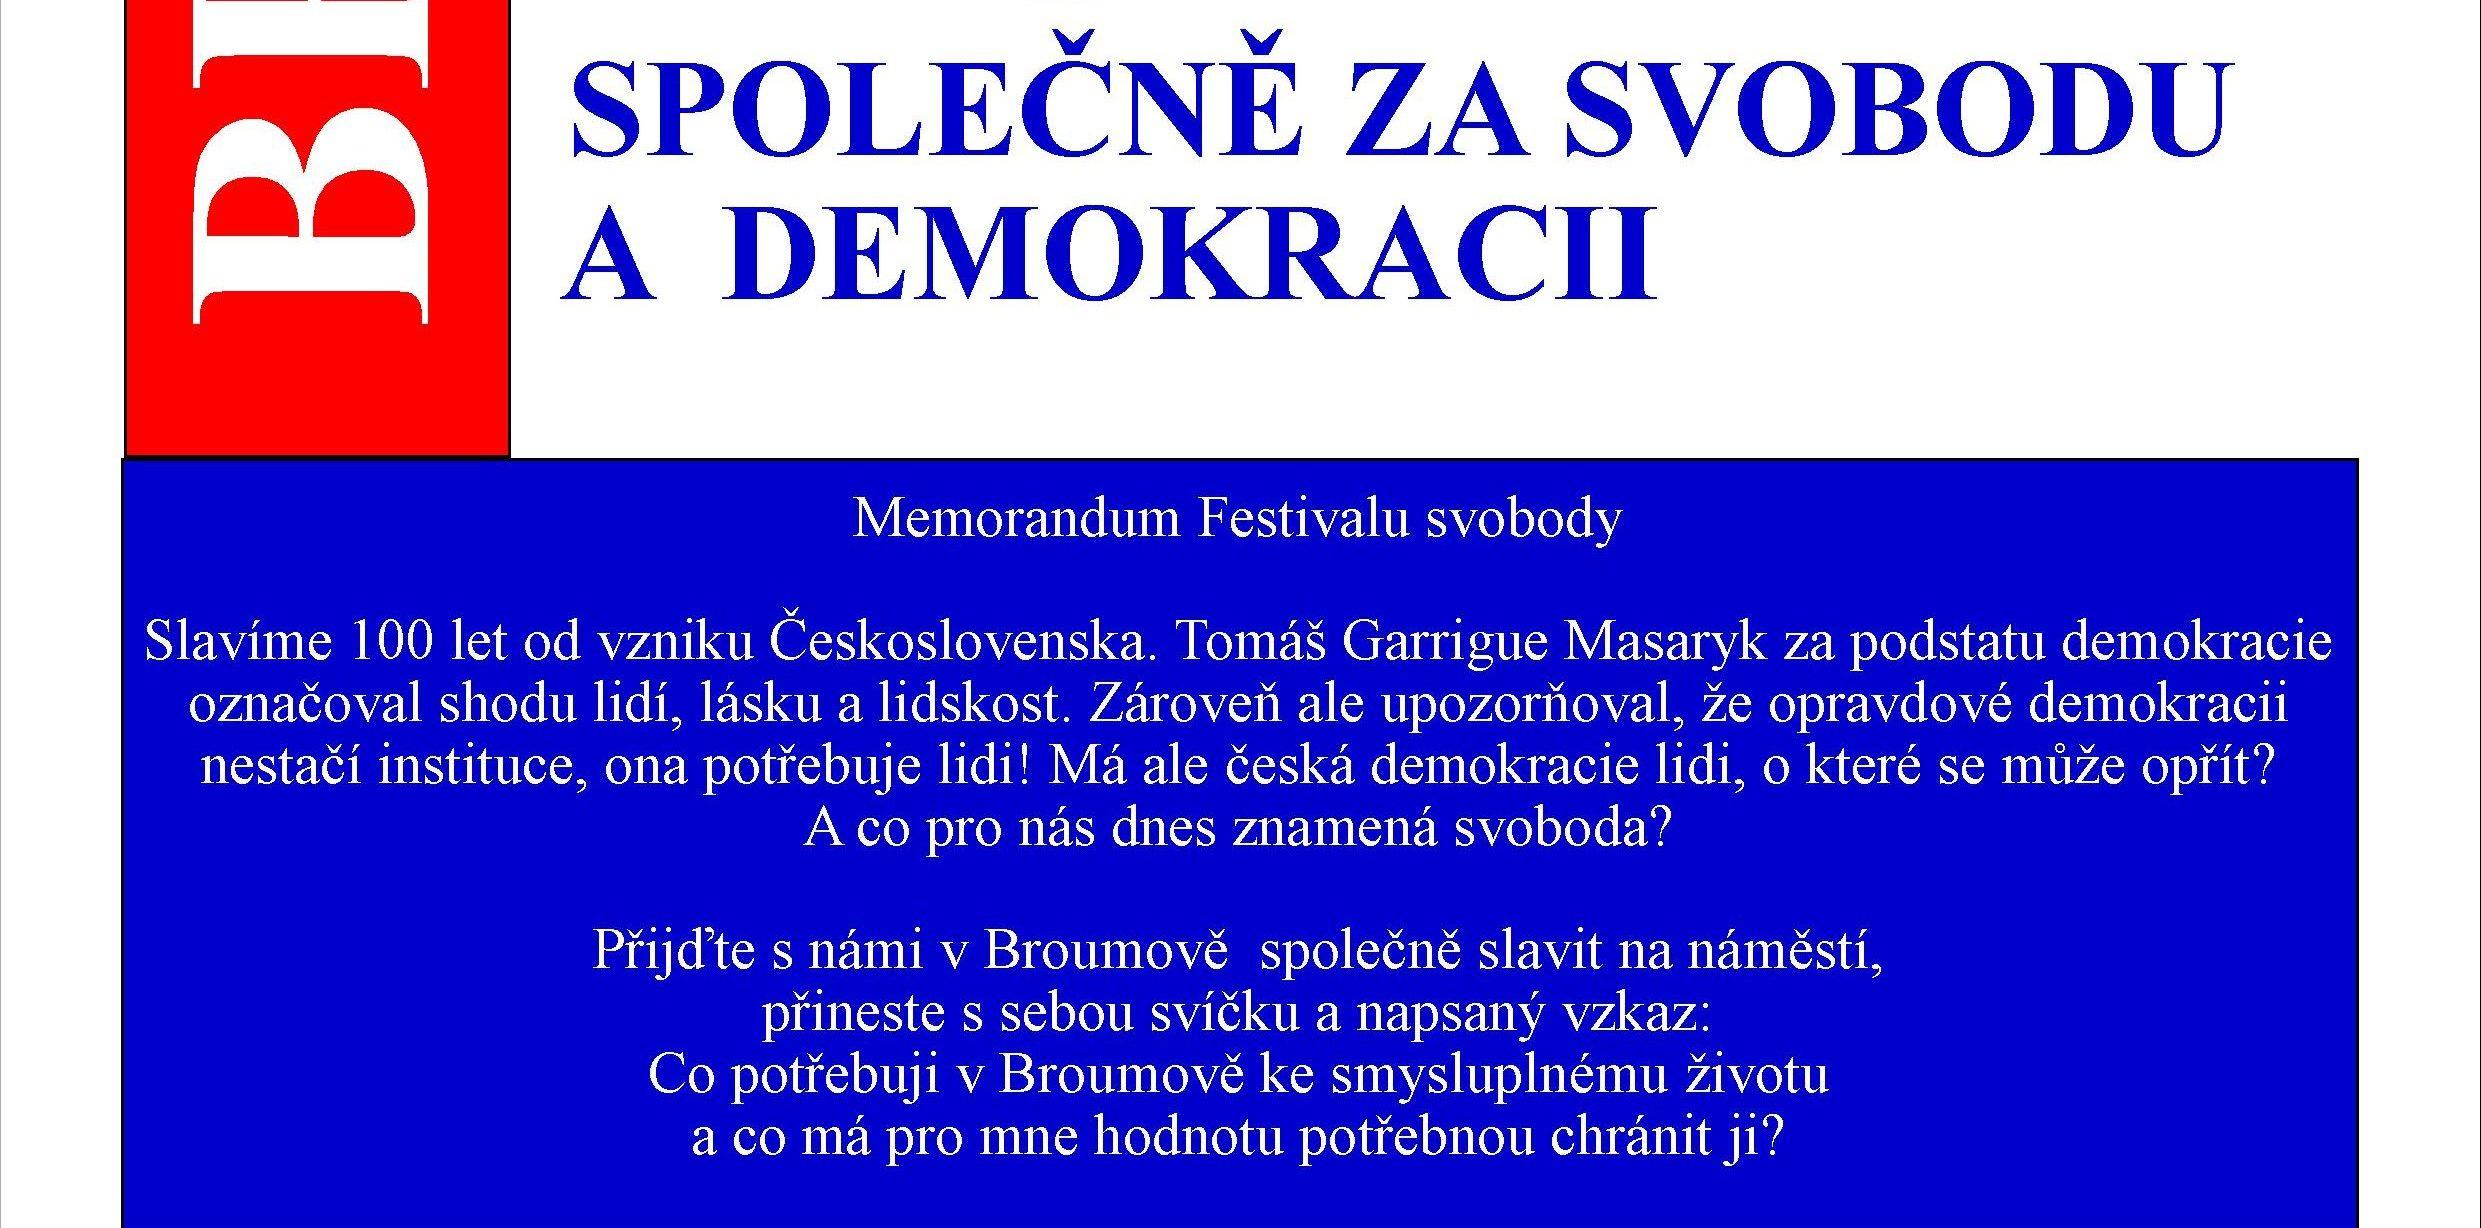 Společně za svobodu a demokracii